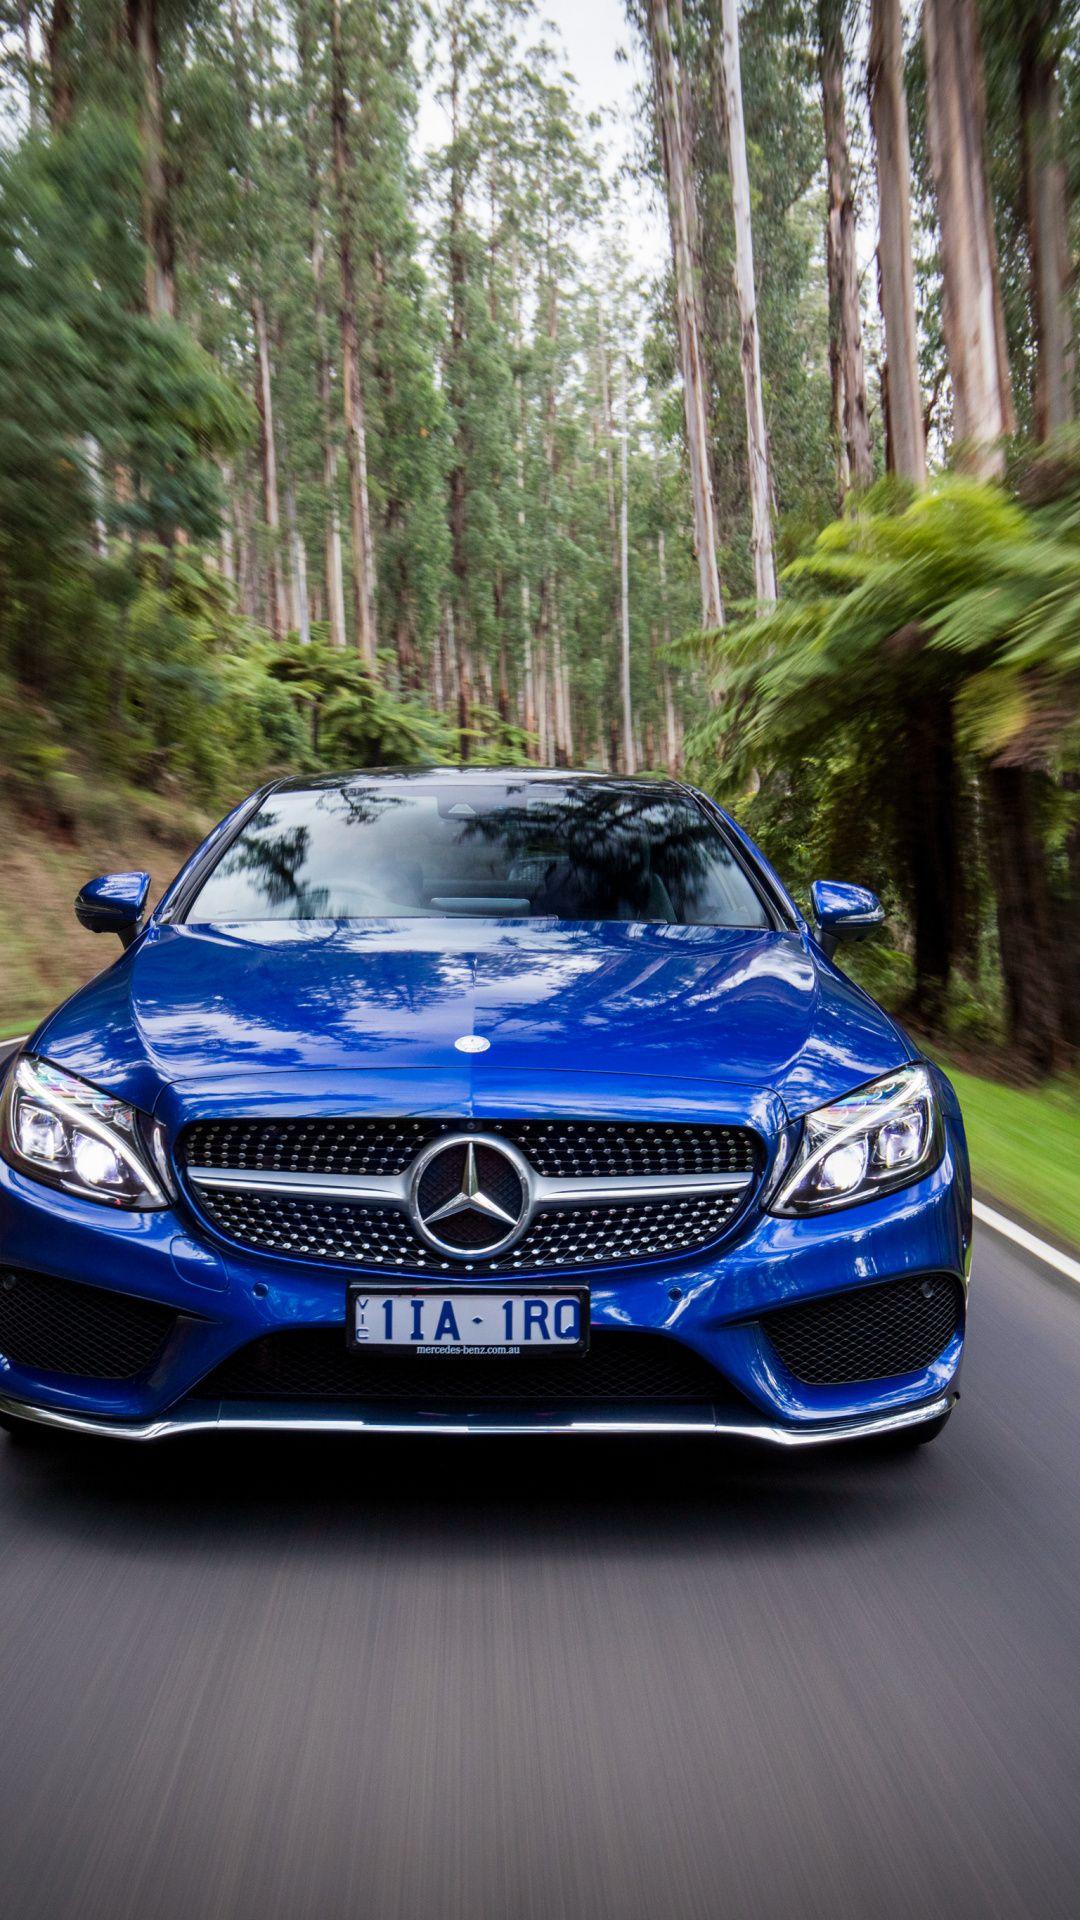 Motion Blur Mercedes Benz C Class Blue 1080x1920 Wallpaper